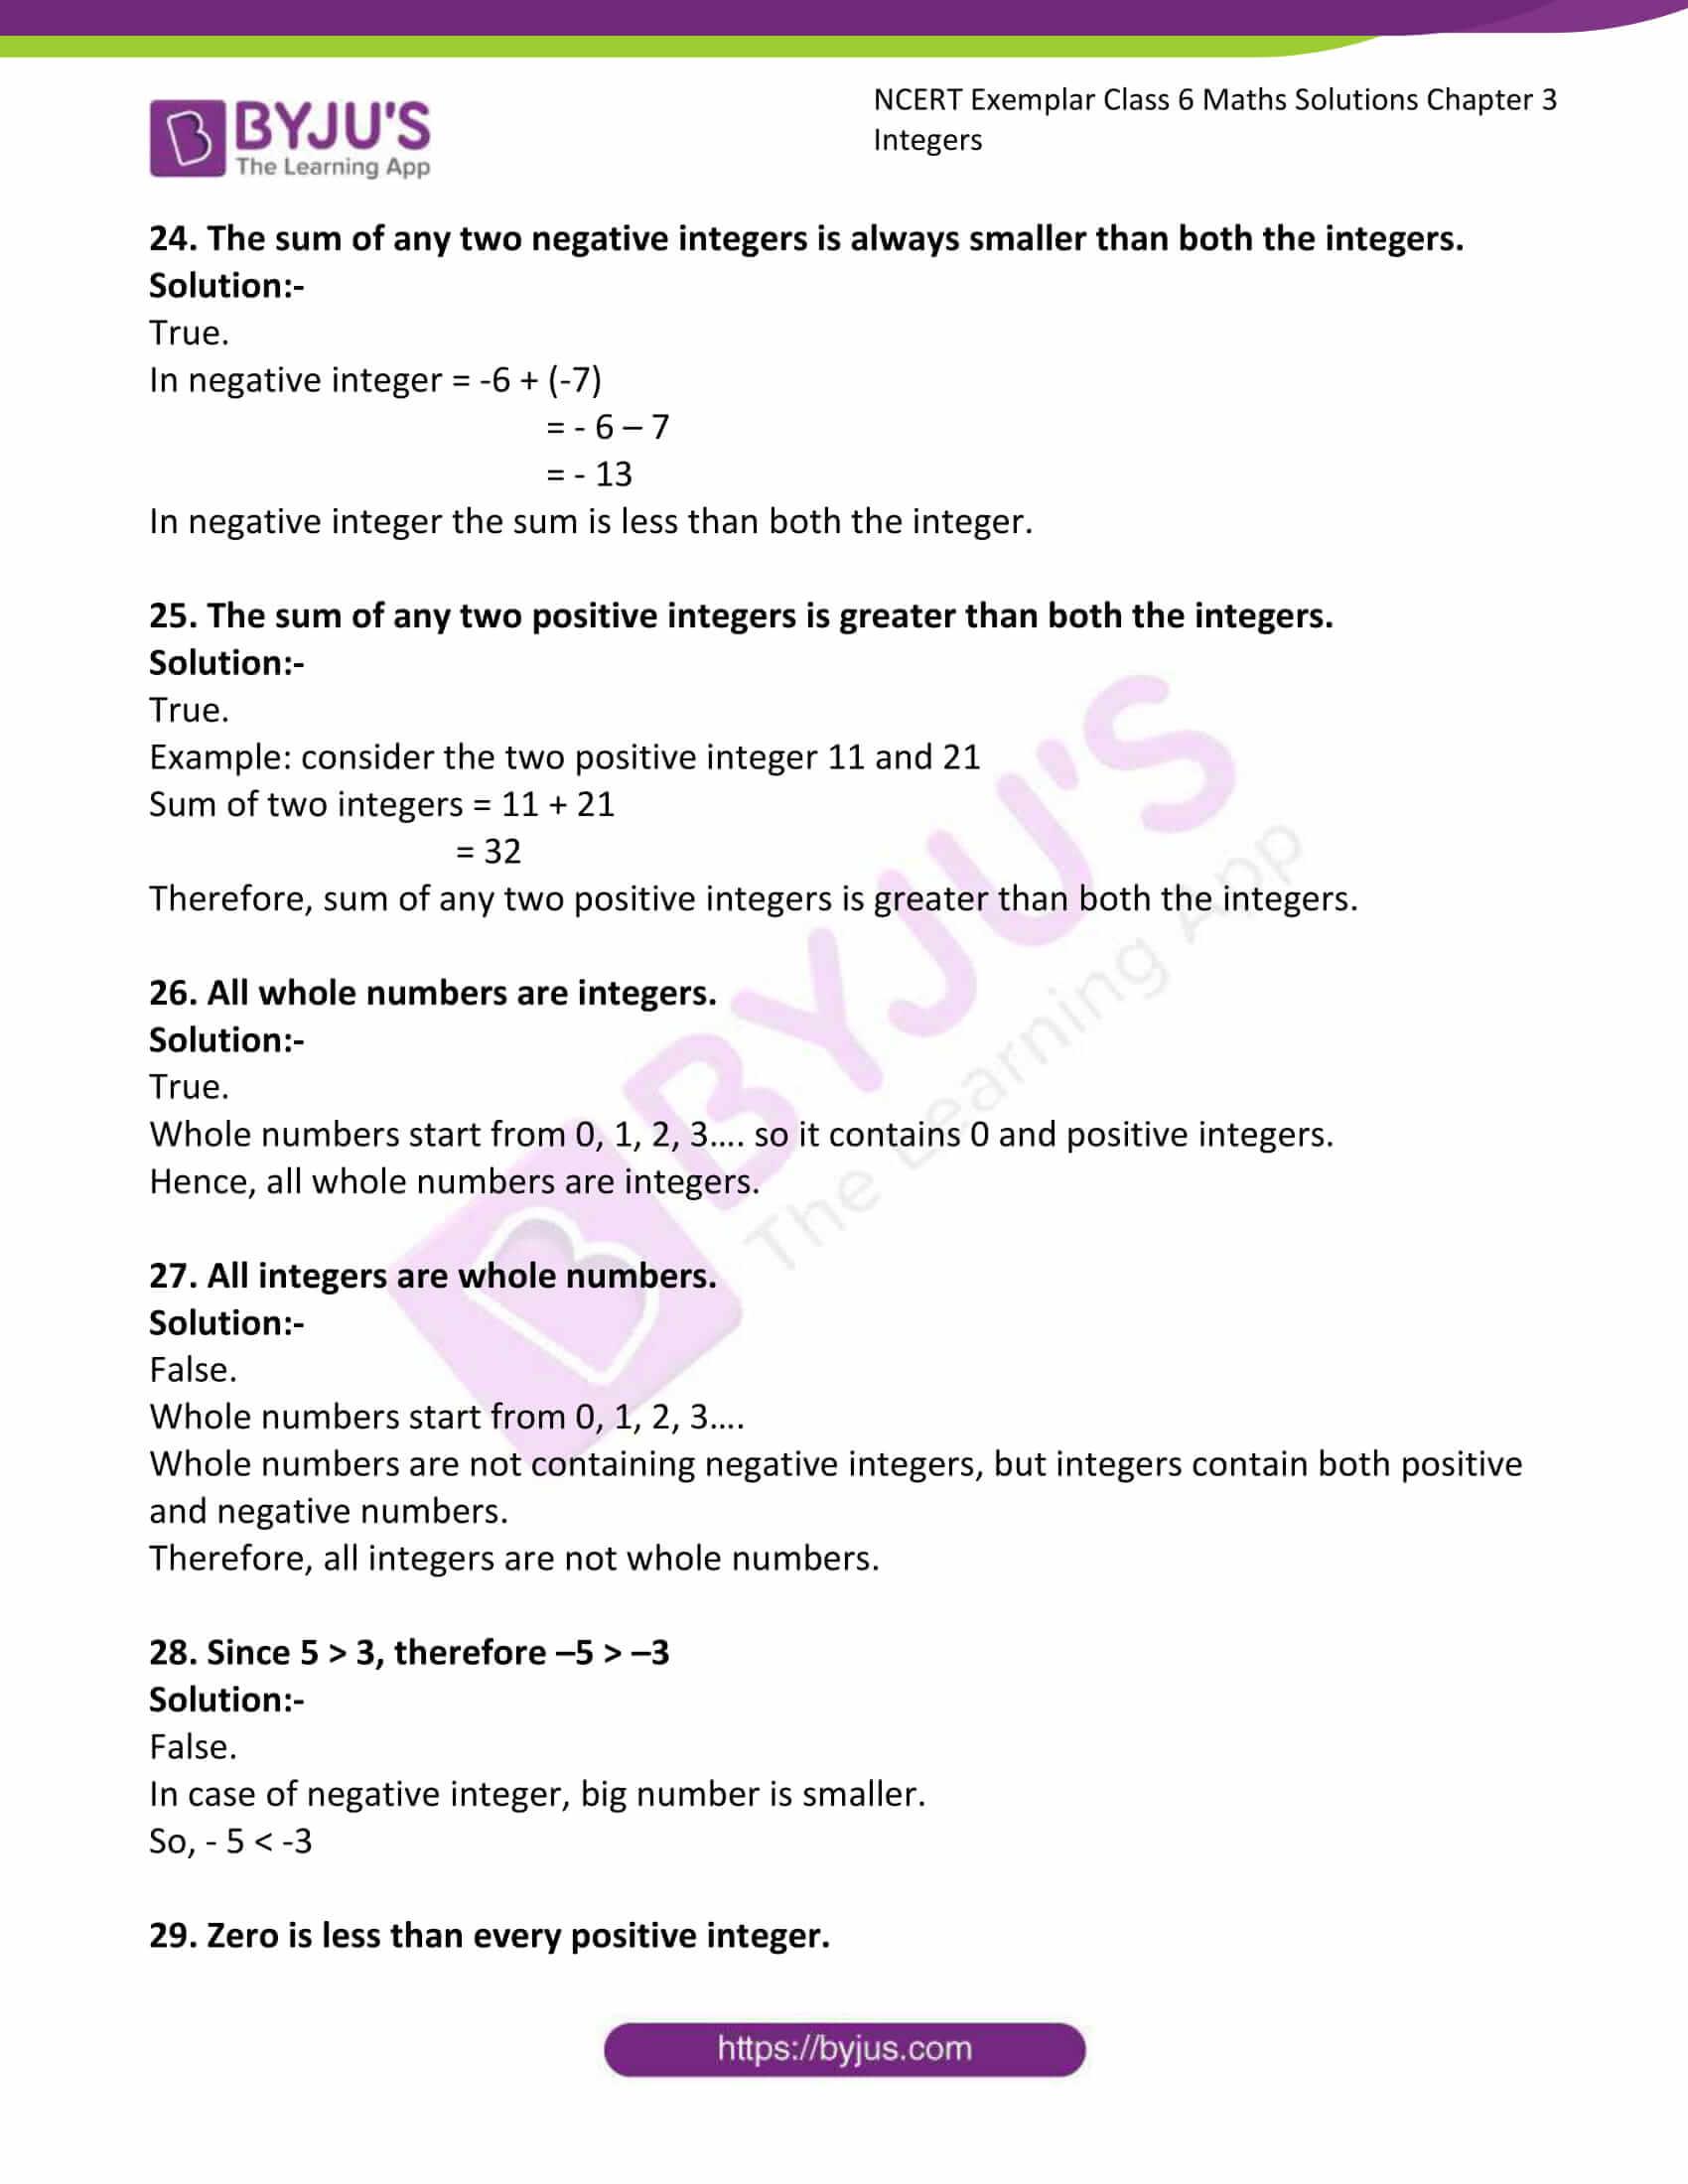 ncert exemplar class 6 maths sol ch 3 06